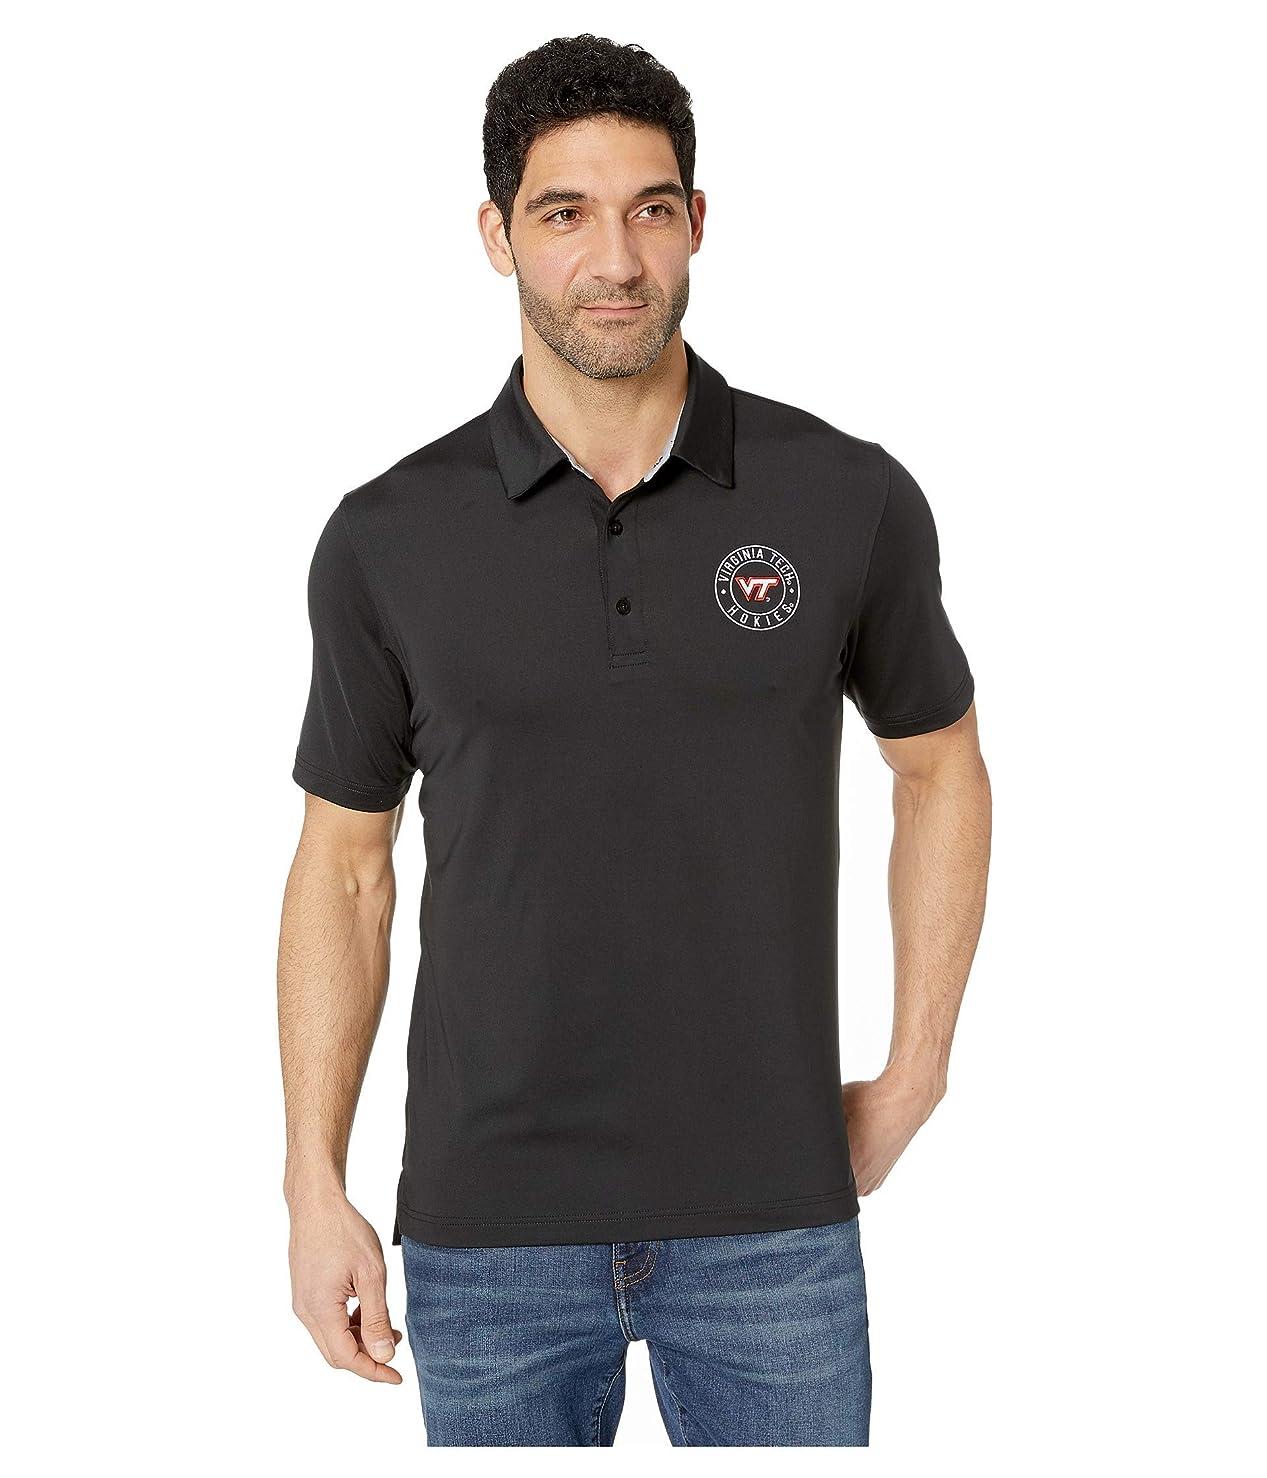 経営者道路を作るプロセス暫定[チャンピオン] メンズ シャツ Virginia Tech Hokies Solid Polo [並行輸入品]